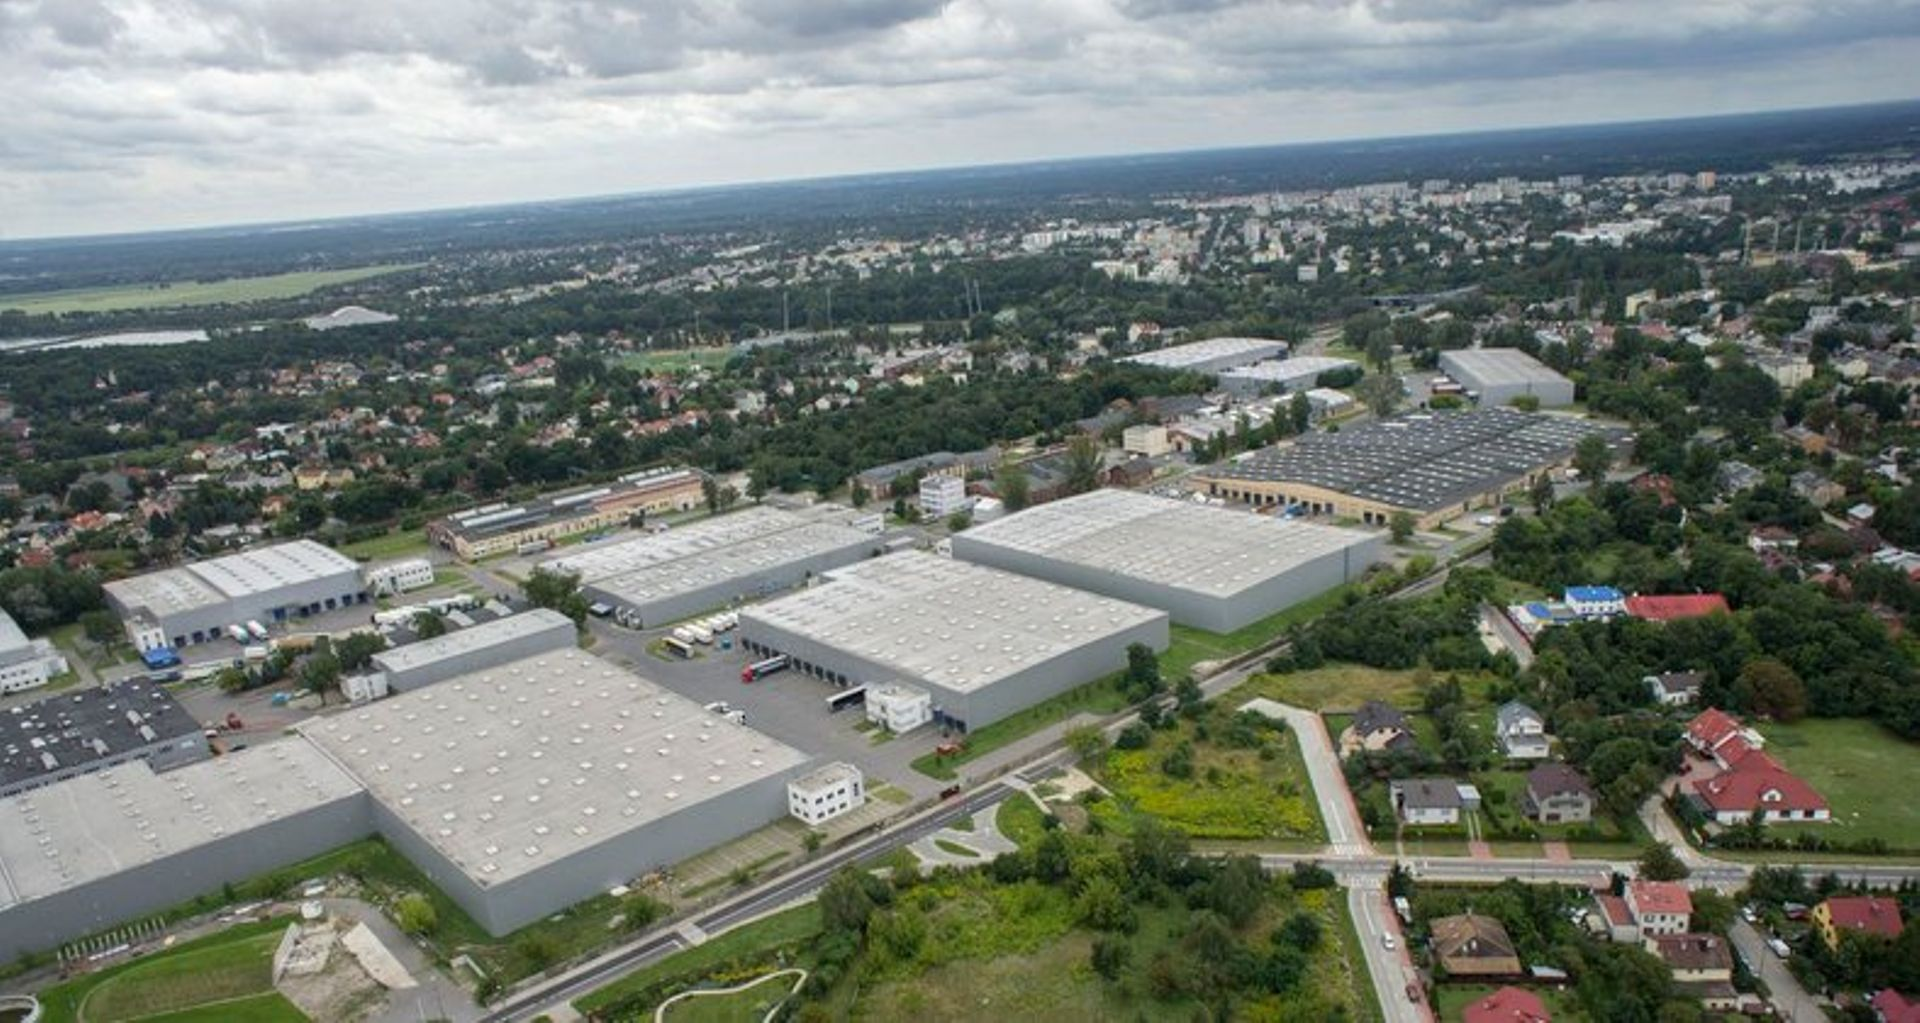 [mazowieckie] Środkowoeuropejskie centrum dystrybucyjne światowej firmy sprzedażowej pozostaje w MLP Pruszków I